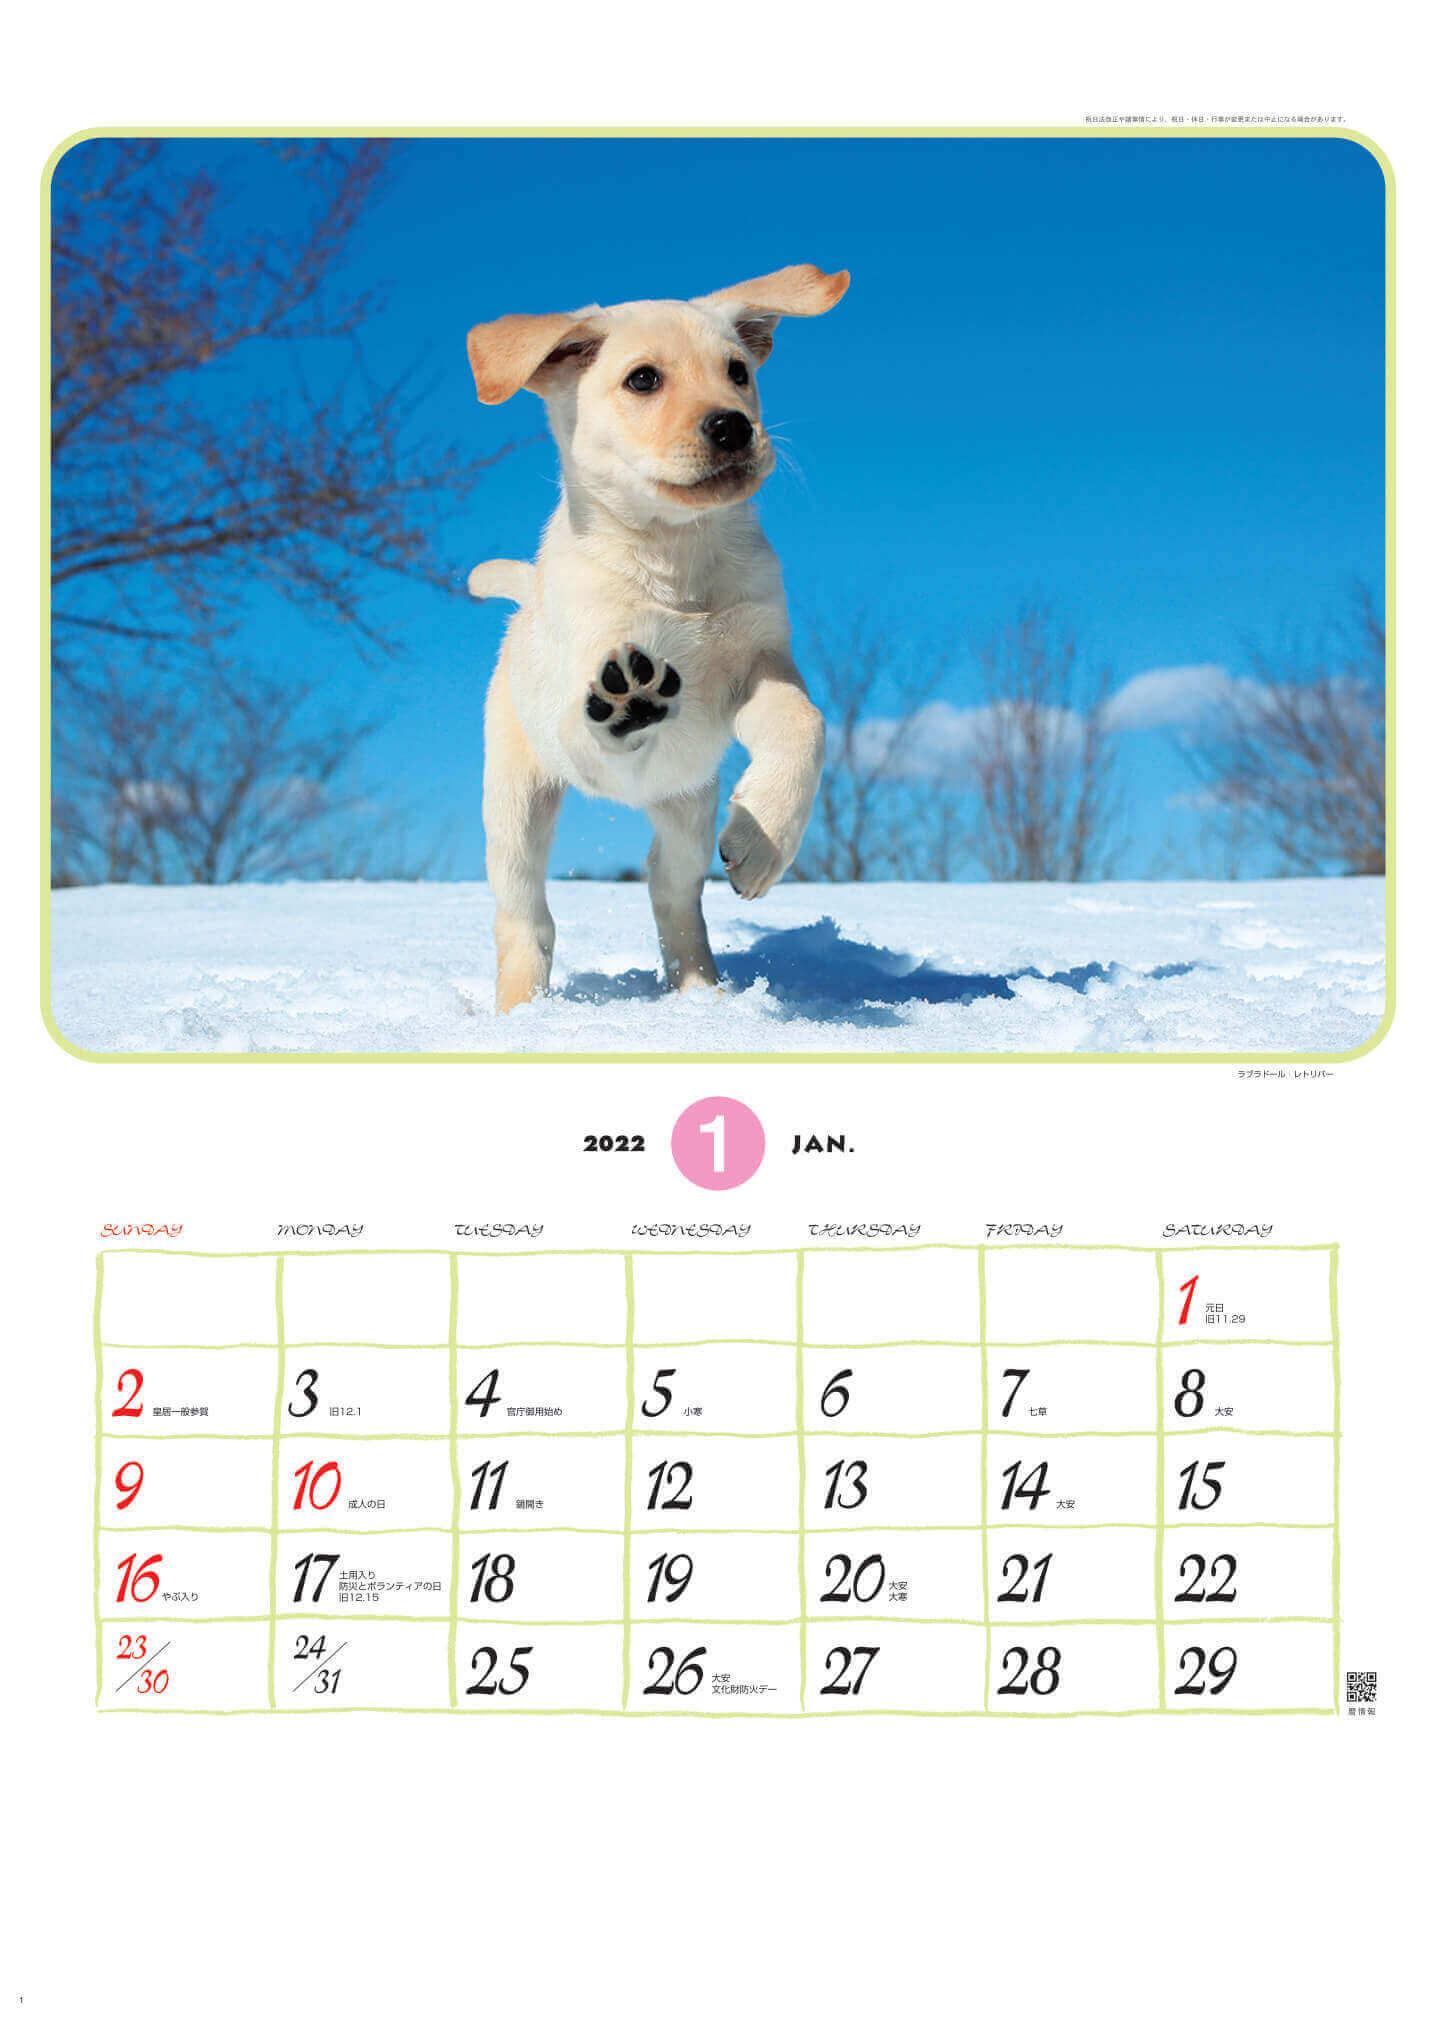 ラブラドール・レトリバー リトルフレンド 2022年カレンダーの画像